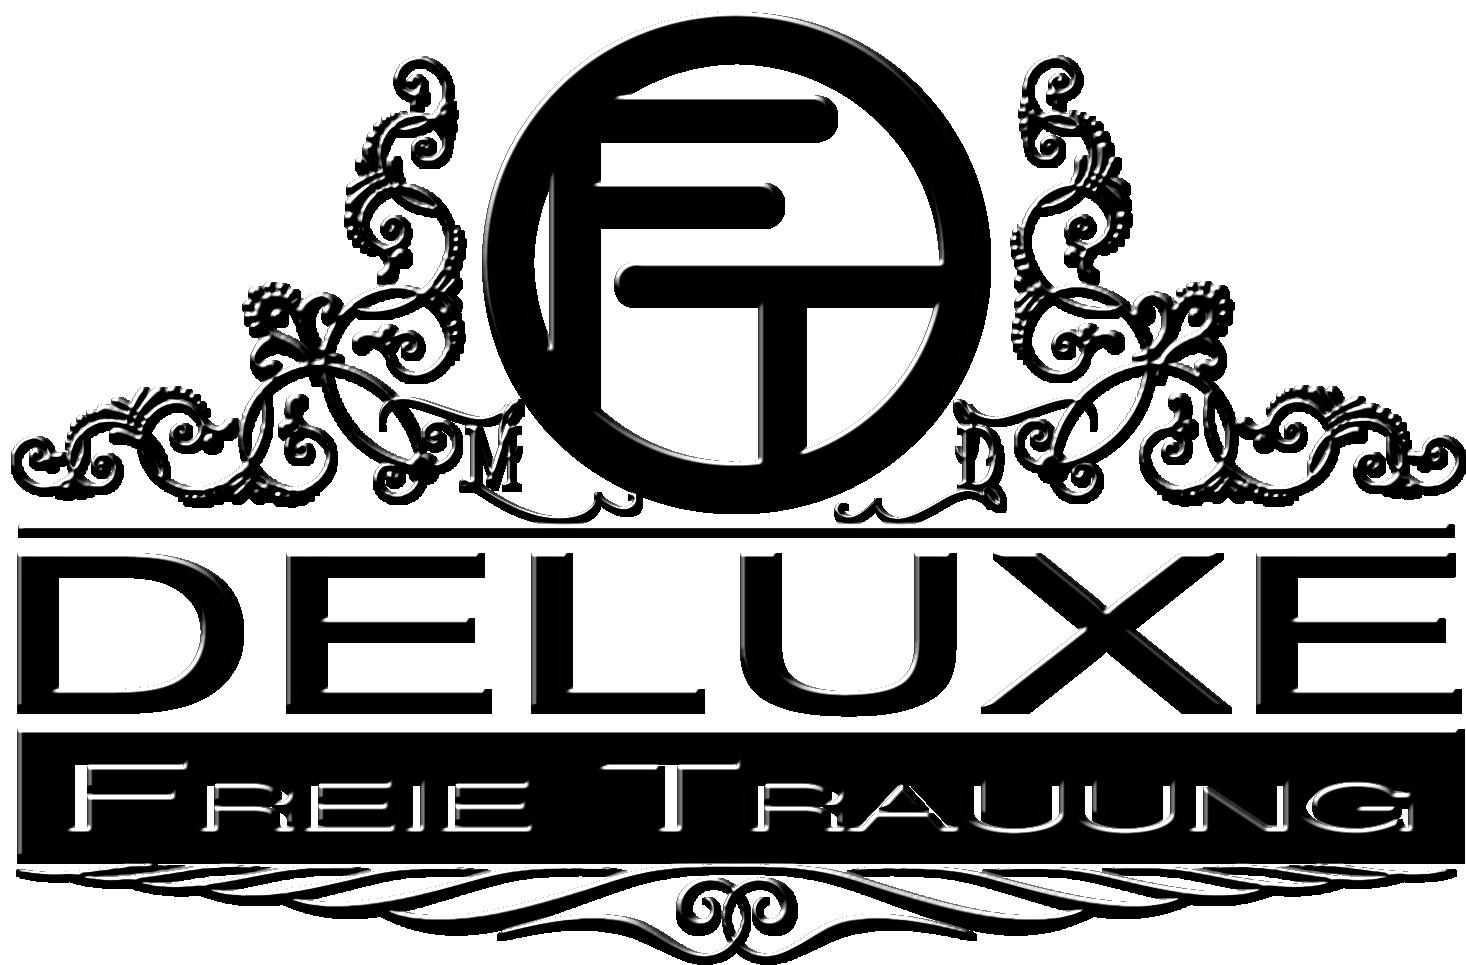 trauredner und snger mark daviz fr moderne freie trauung buchen - Freie Trauung Rede Beispiel